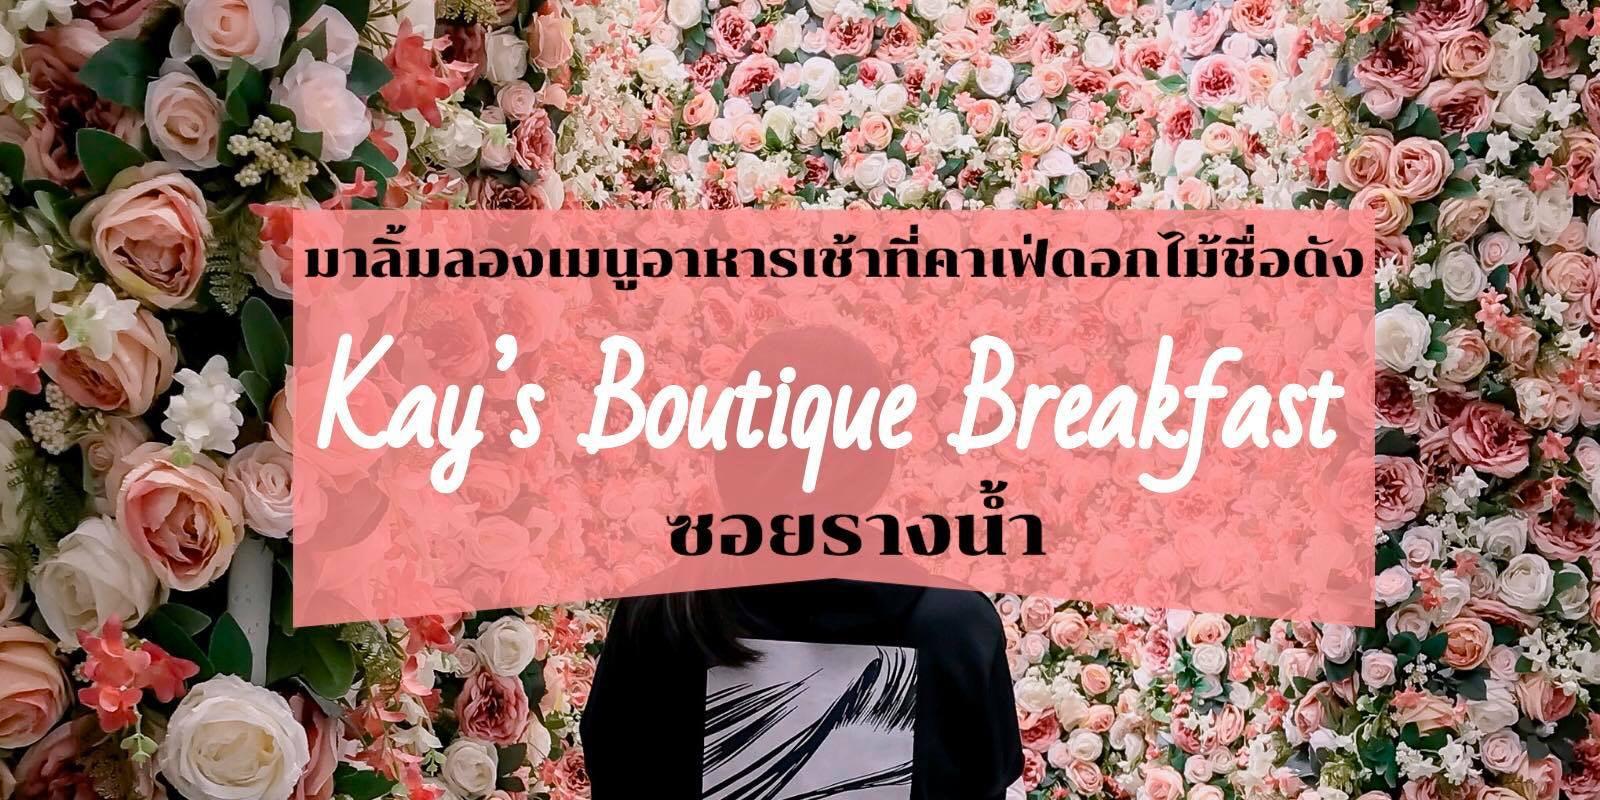 """มาลิ้มลองเมนูอาหารเช้าที่คาเฟ่ดอกไม้ชื่อดัง """"Kay's Boutique Breakfast"""" ซอยรางน้ำ"""